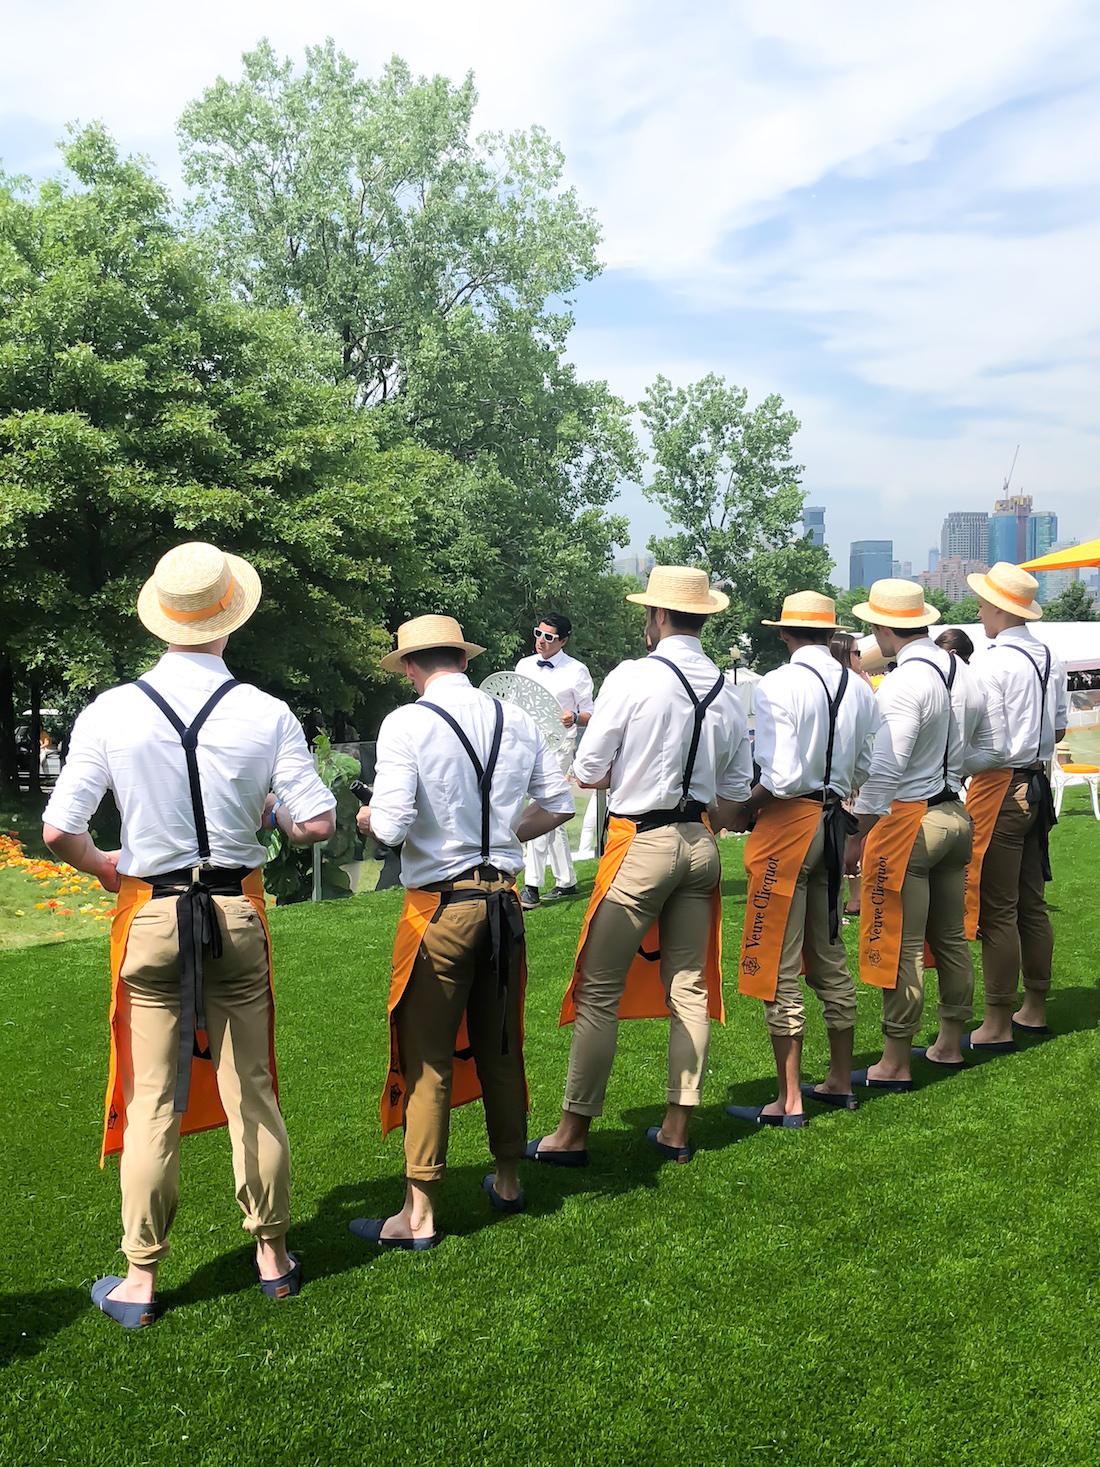 models  in the Veuve Clicquot Polo Classic 2018 - The Stripe